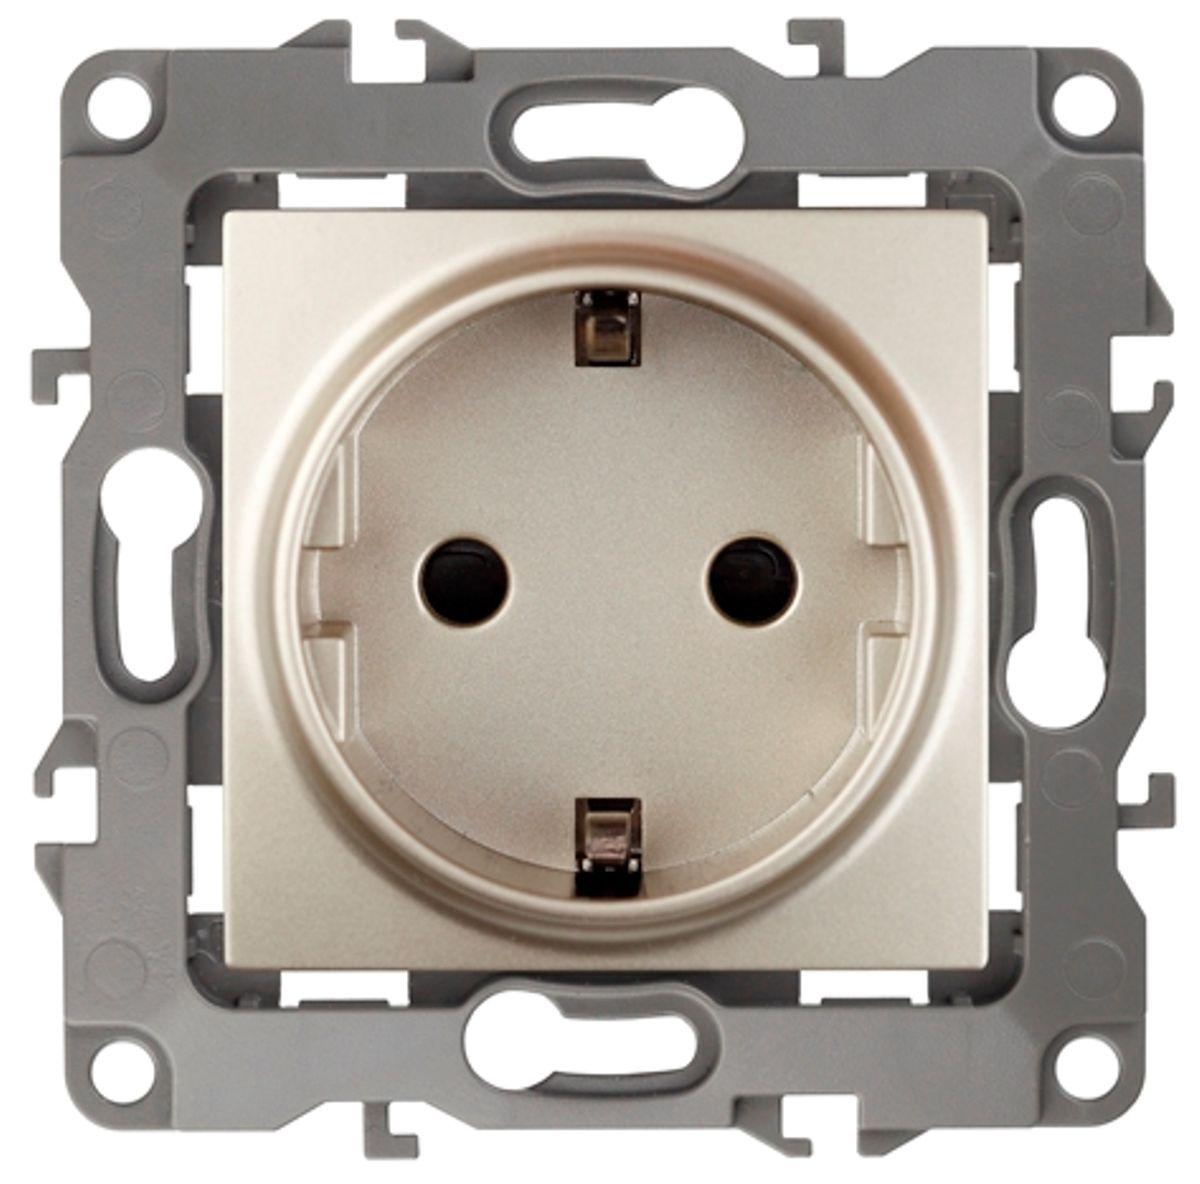 Розетка одинарная Эра, цвет: шампань. 12-2101-0412-2101-04Одинарная розетка Эра с заземлением, скрытой установки, имеет бронзовые контакты и фиксаторы модулей. Автоматические зажимы кабеля обеспечивают быстрый и надежный монтаж изделия к электросети без отвертки и не требуют обслуживания в отличие от винтовых зажимов.